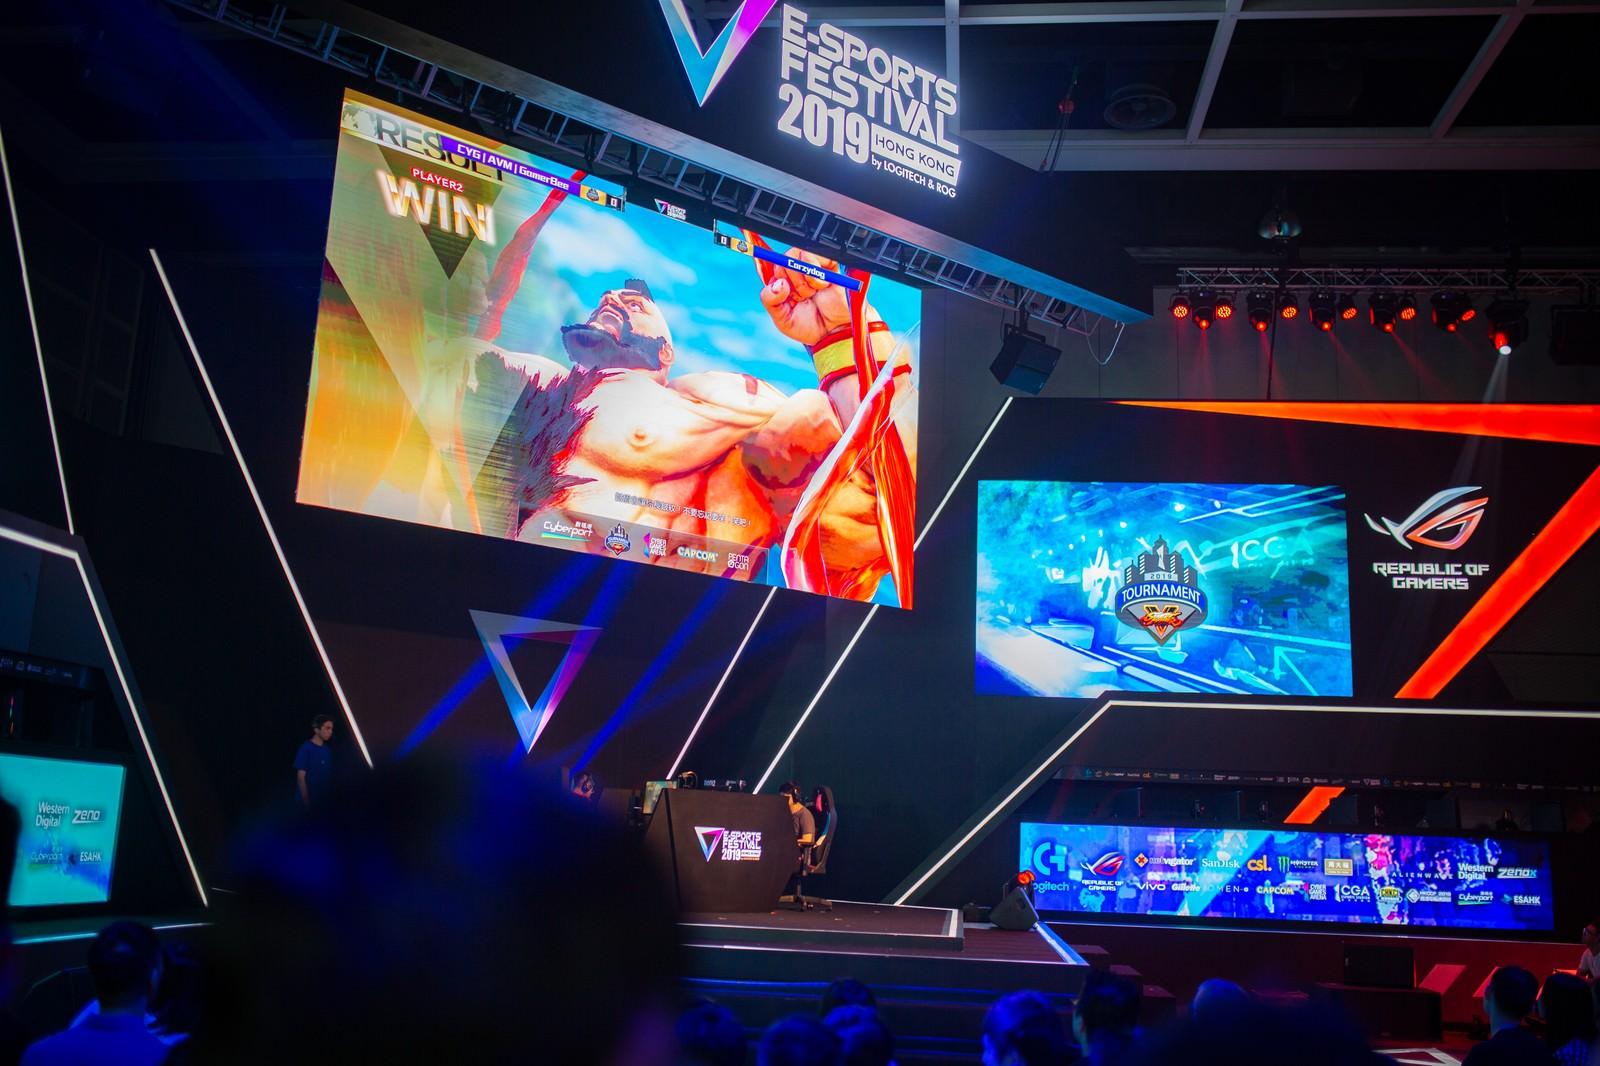 「巨大モニターにザンギエフの勝利が映し出される - E-Sports Festival Hong Kong 2019」の写真